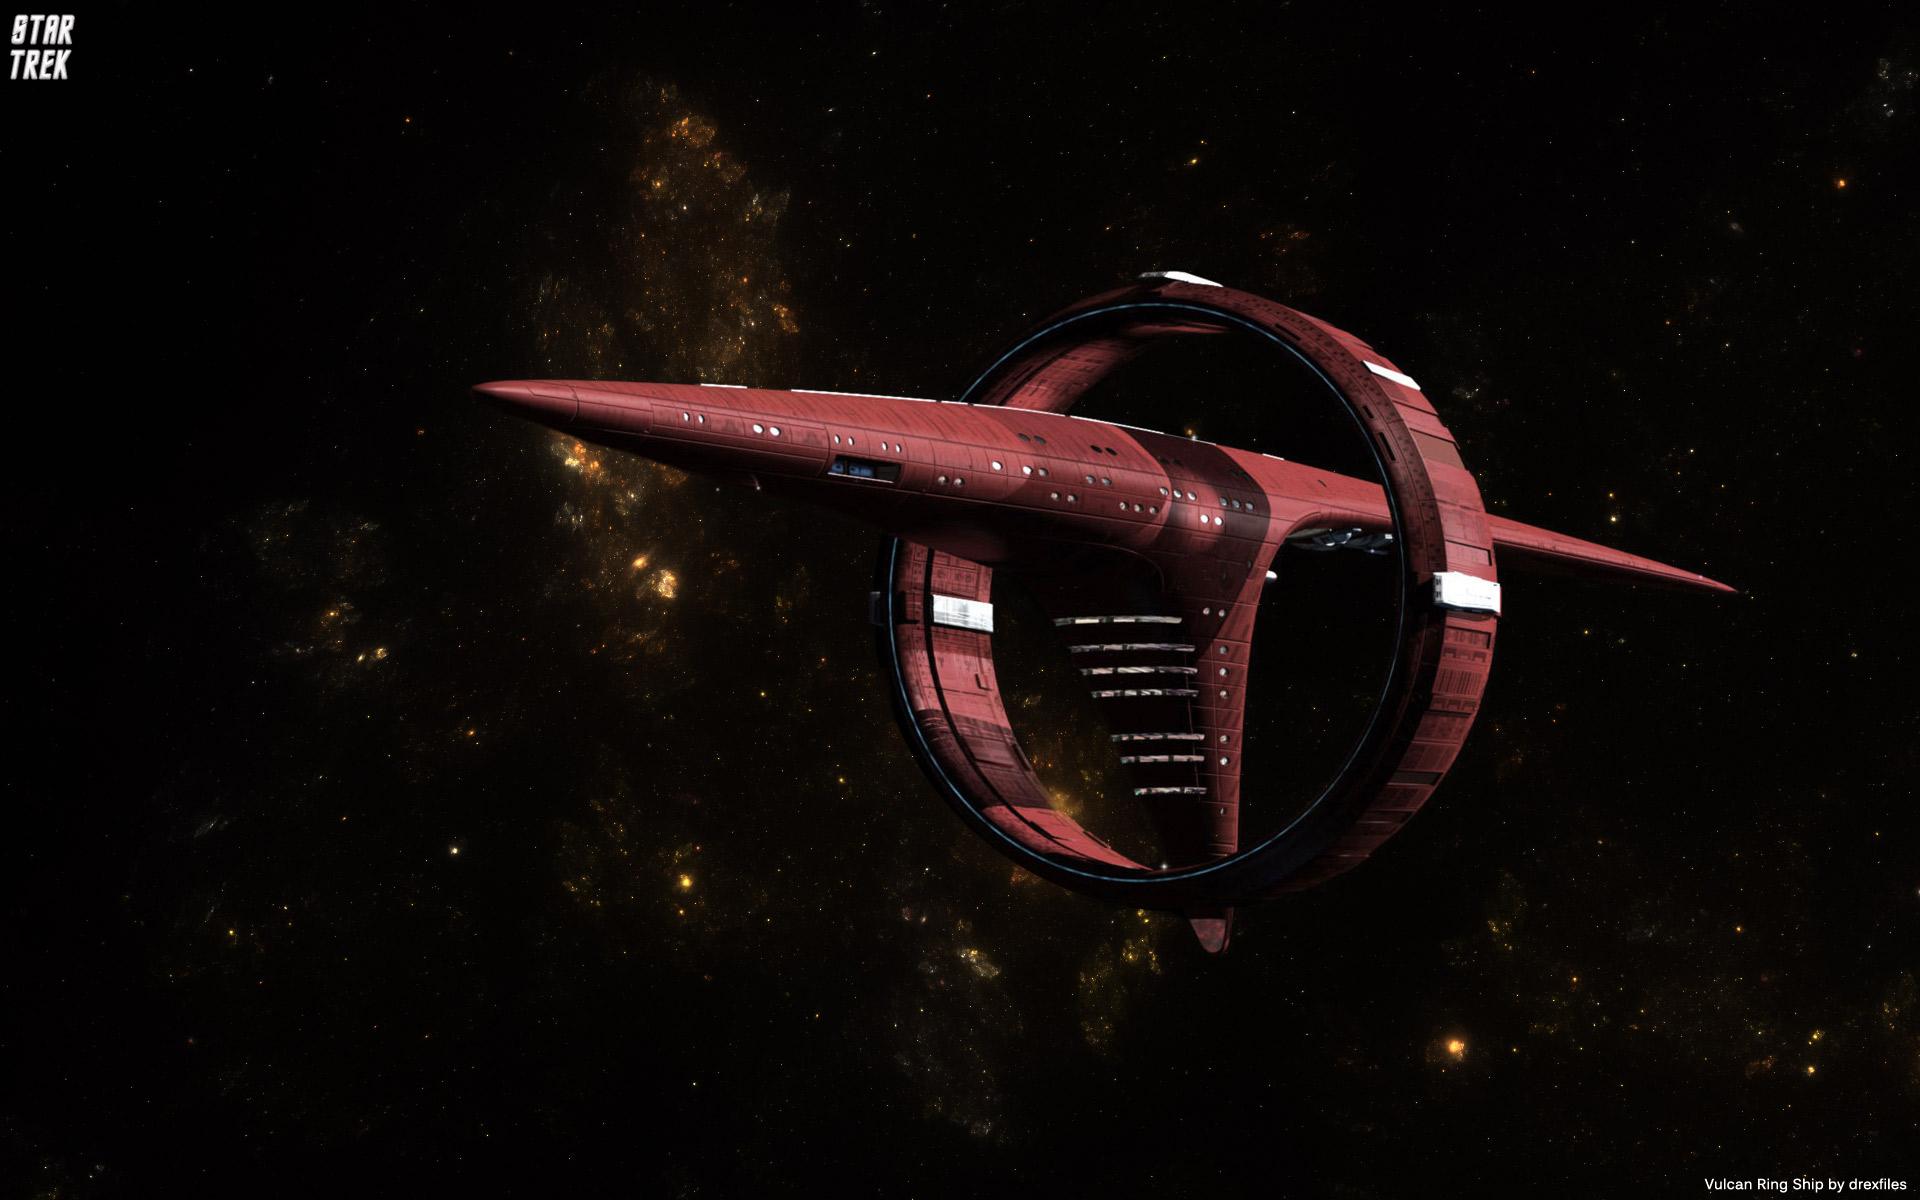 Star Trek Ship Wallpapers: HD Star Trek Ships Wallpaper